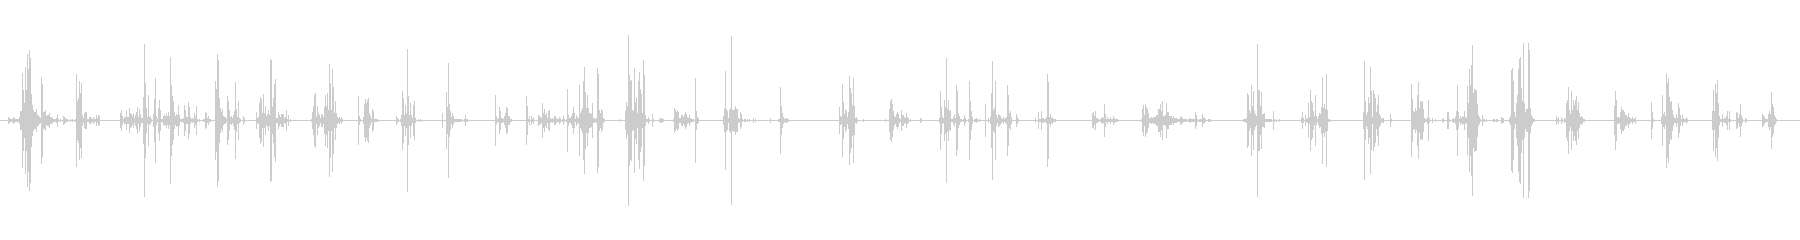 がれきの上を歩く 01の未再生の波形